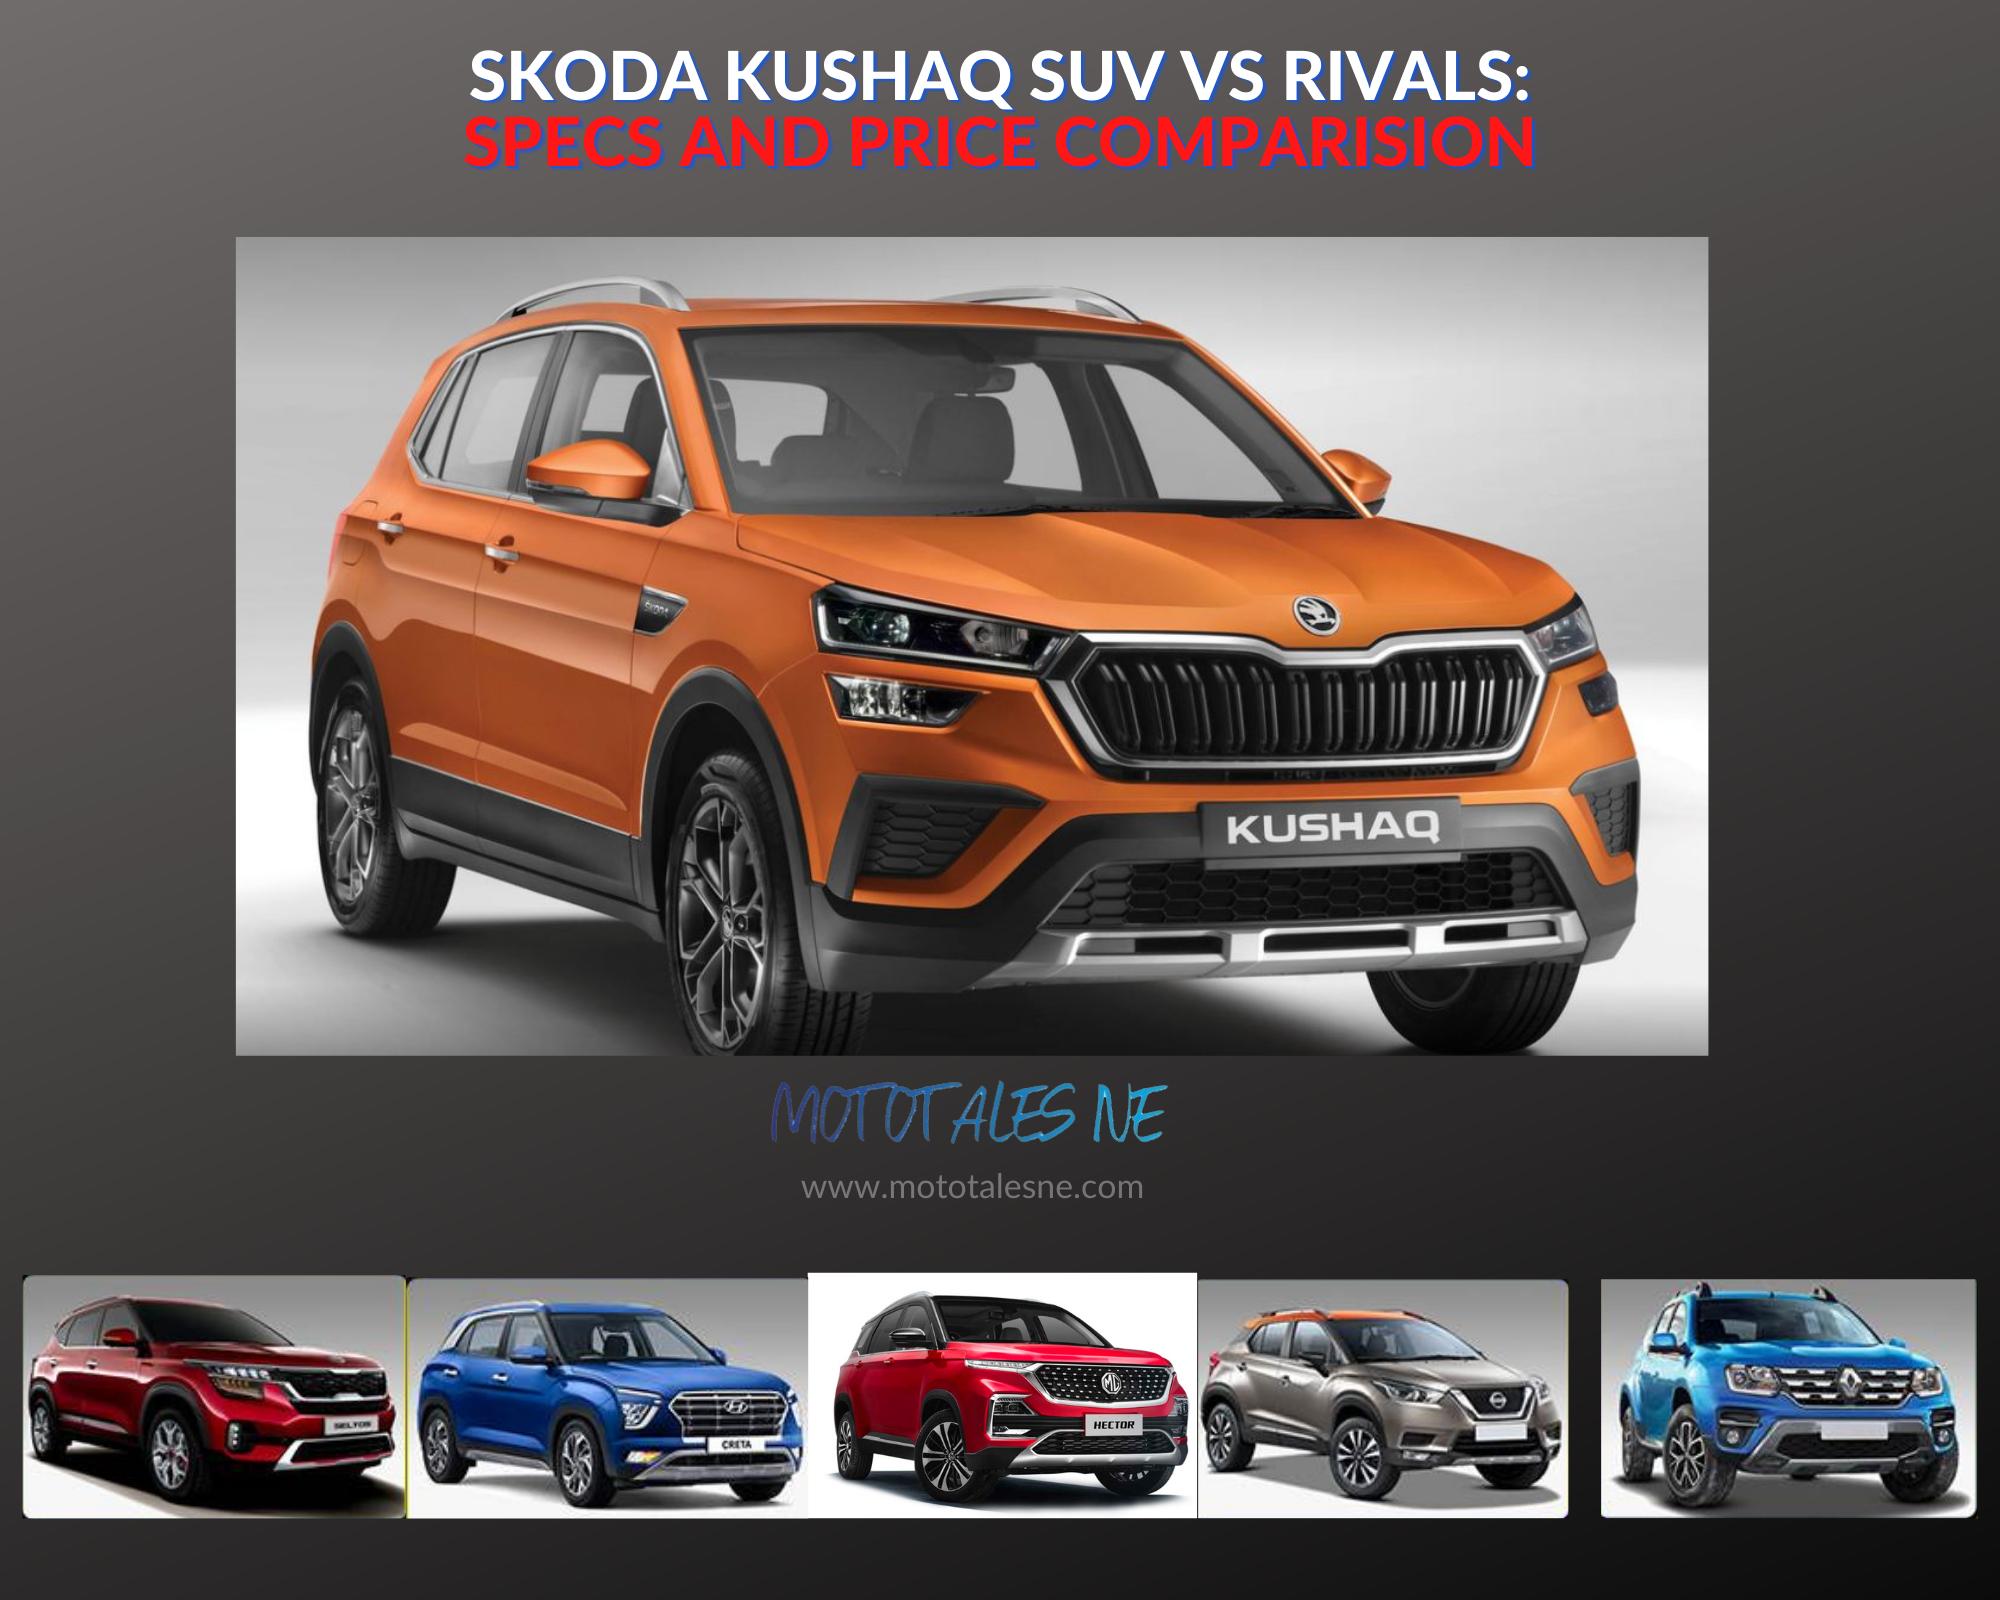 Skoda Kushaq vs Rivals comparison